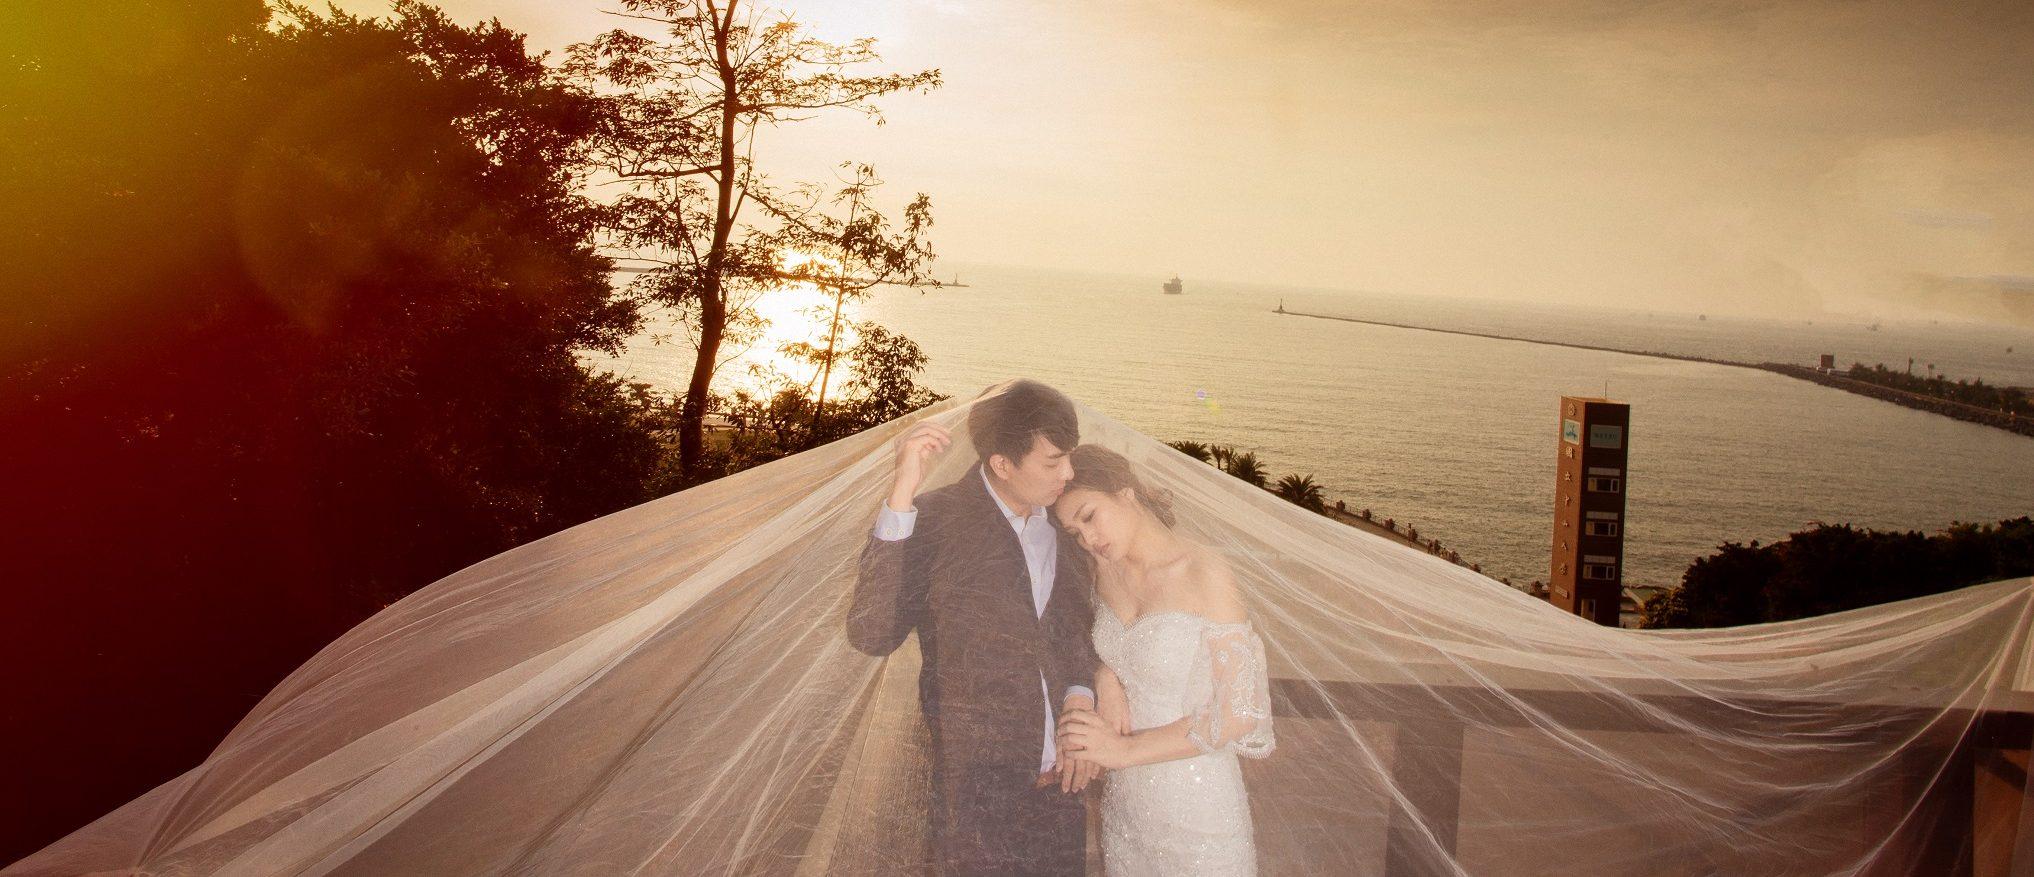 吳沛瑩的婚紗世界<珍琳蘇Peggy>